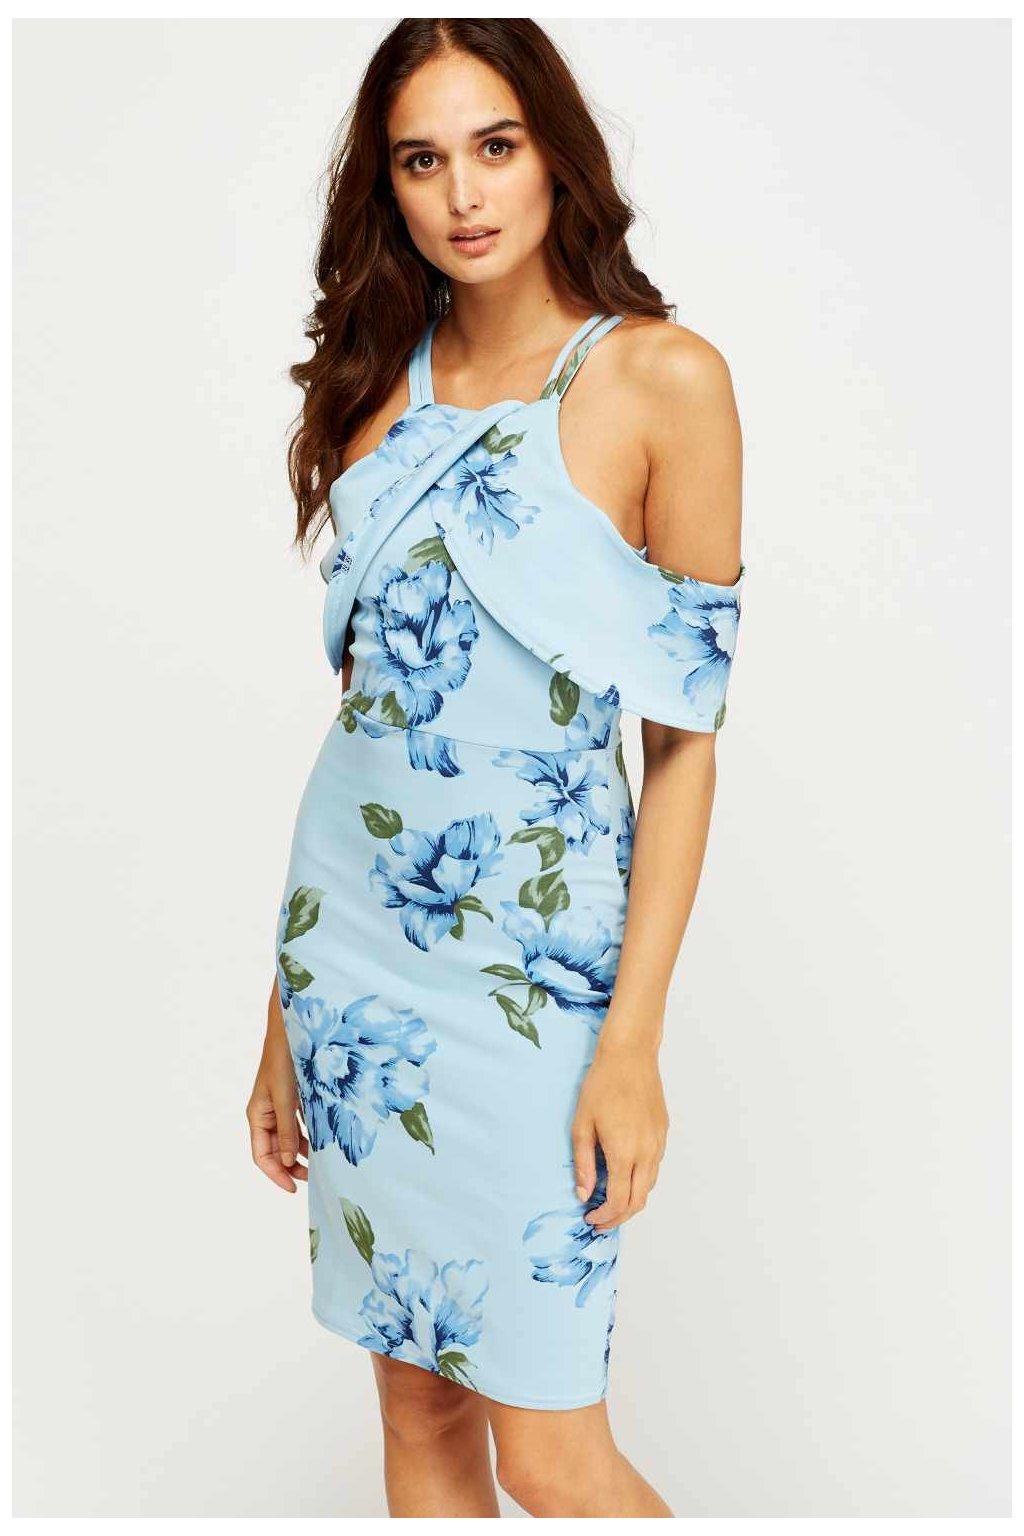 Modré šaty s volnými rameny zpředu